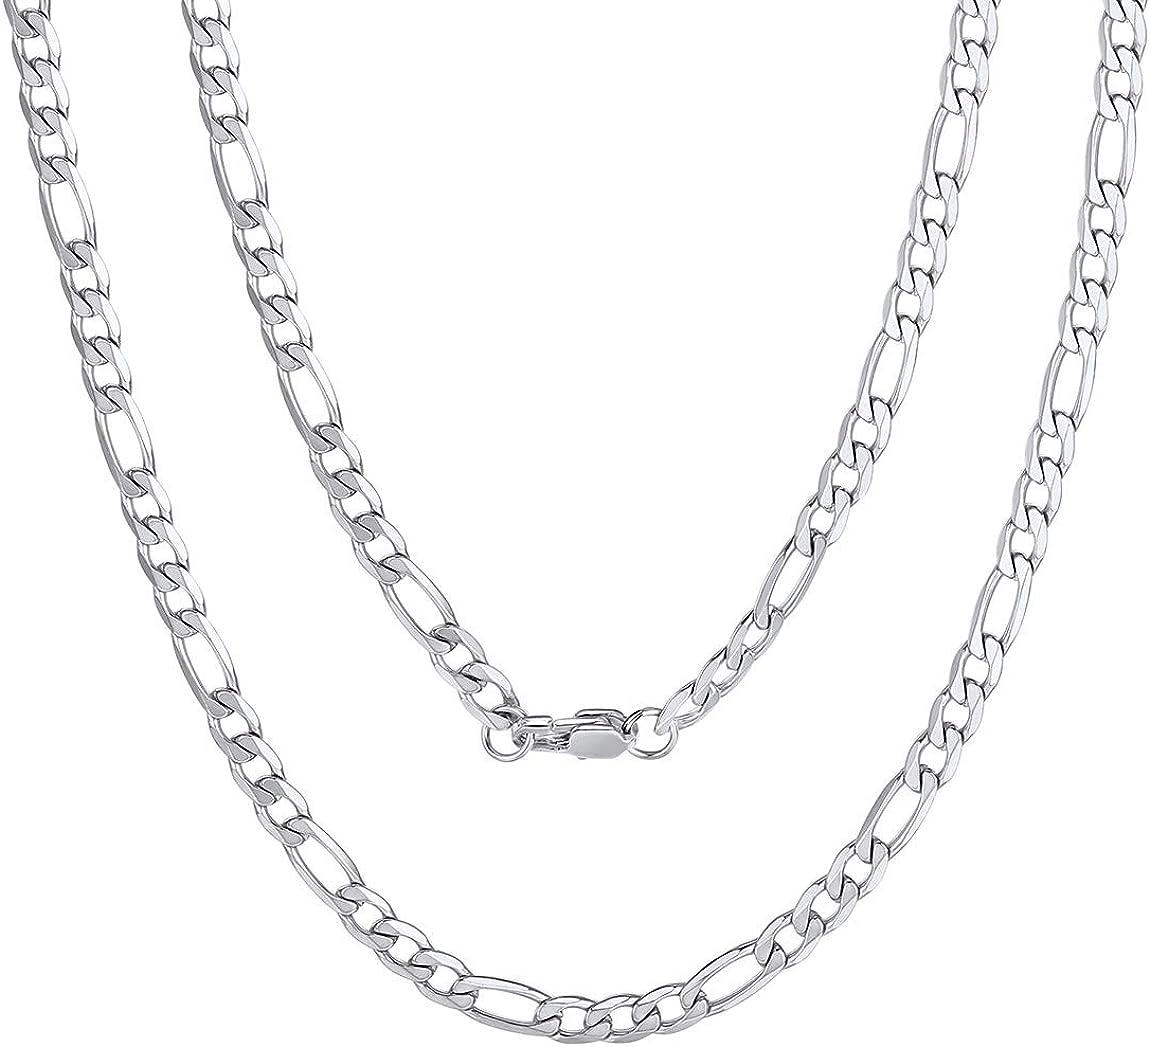 14-30 pollici ChainsPro Catena Figaro collana da donna da uomo in acciaio inossidabile 316L // placcato in oro 18k // nero larghezza 4mm